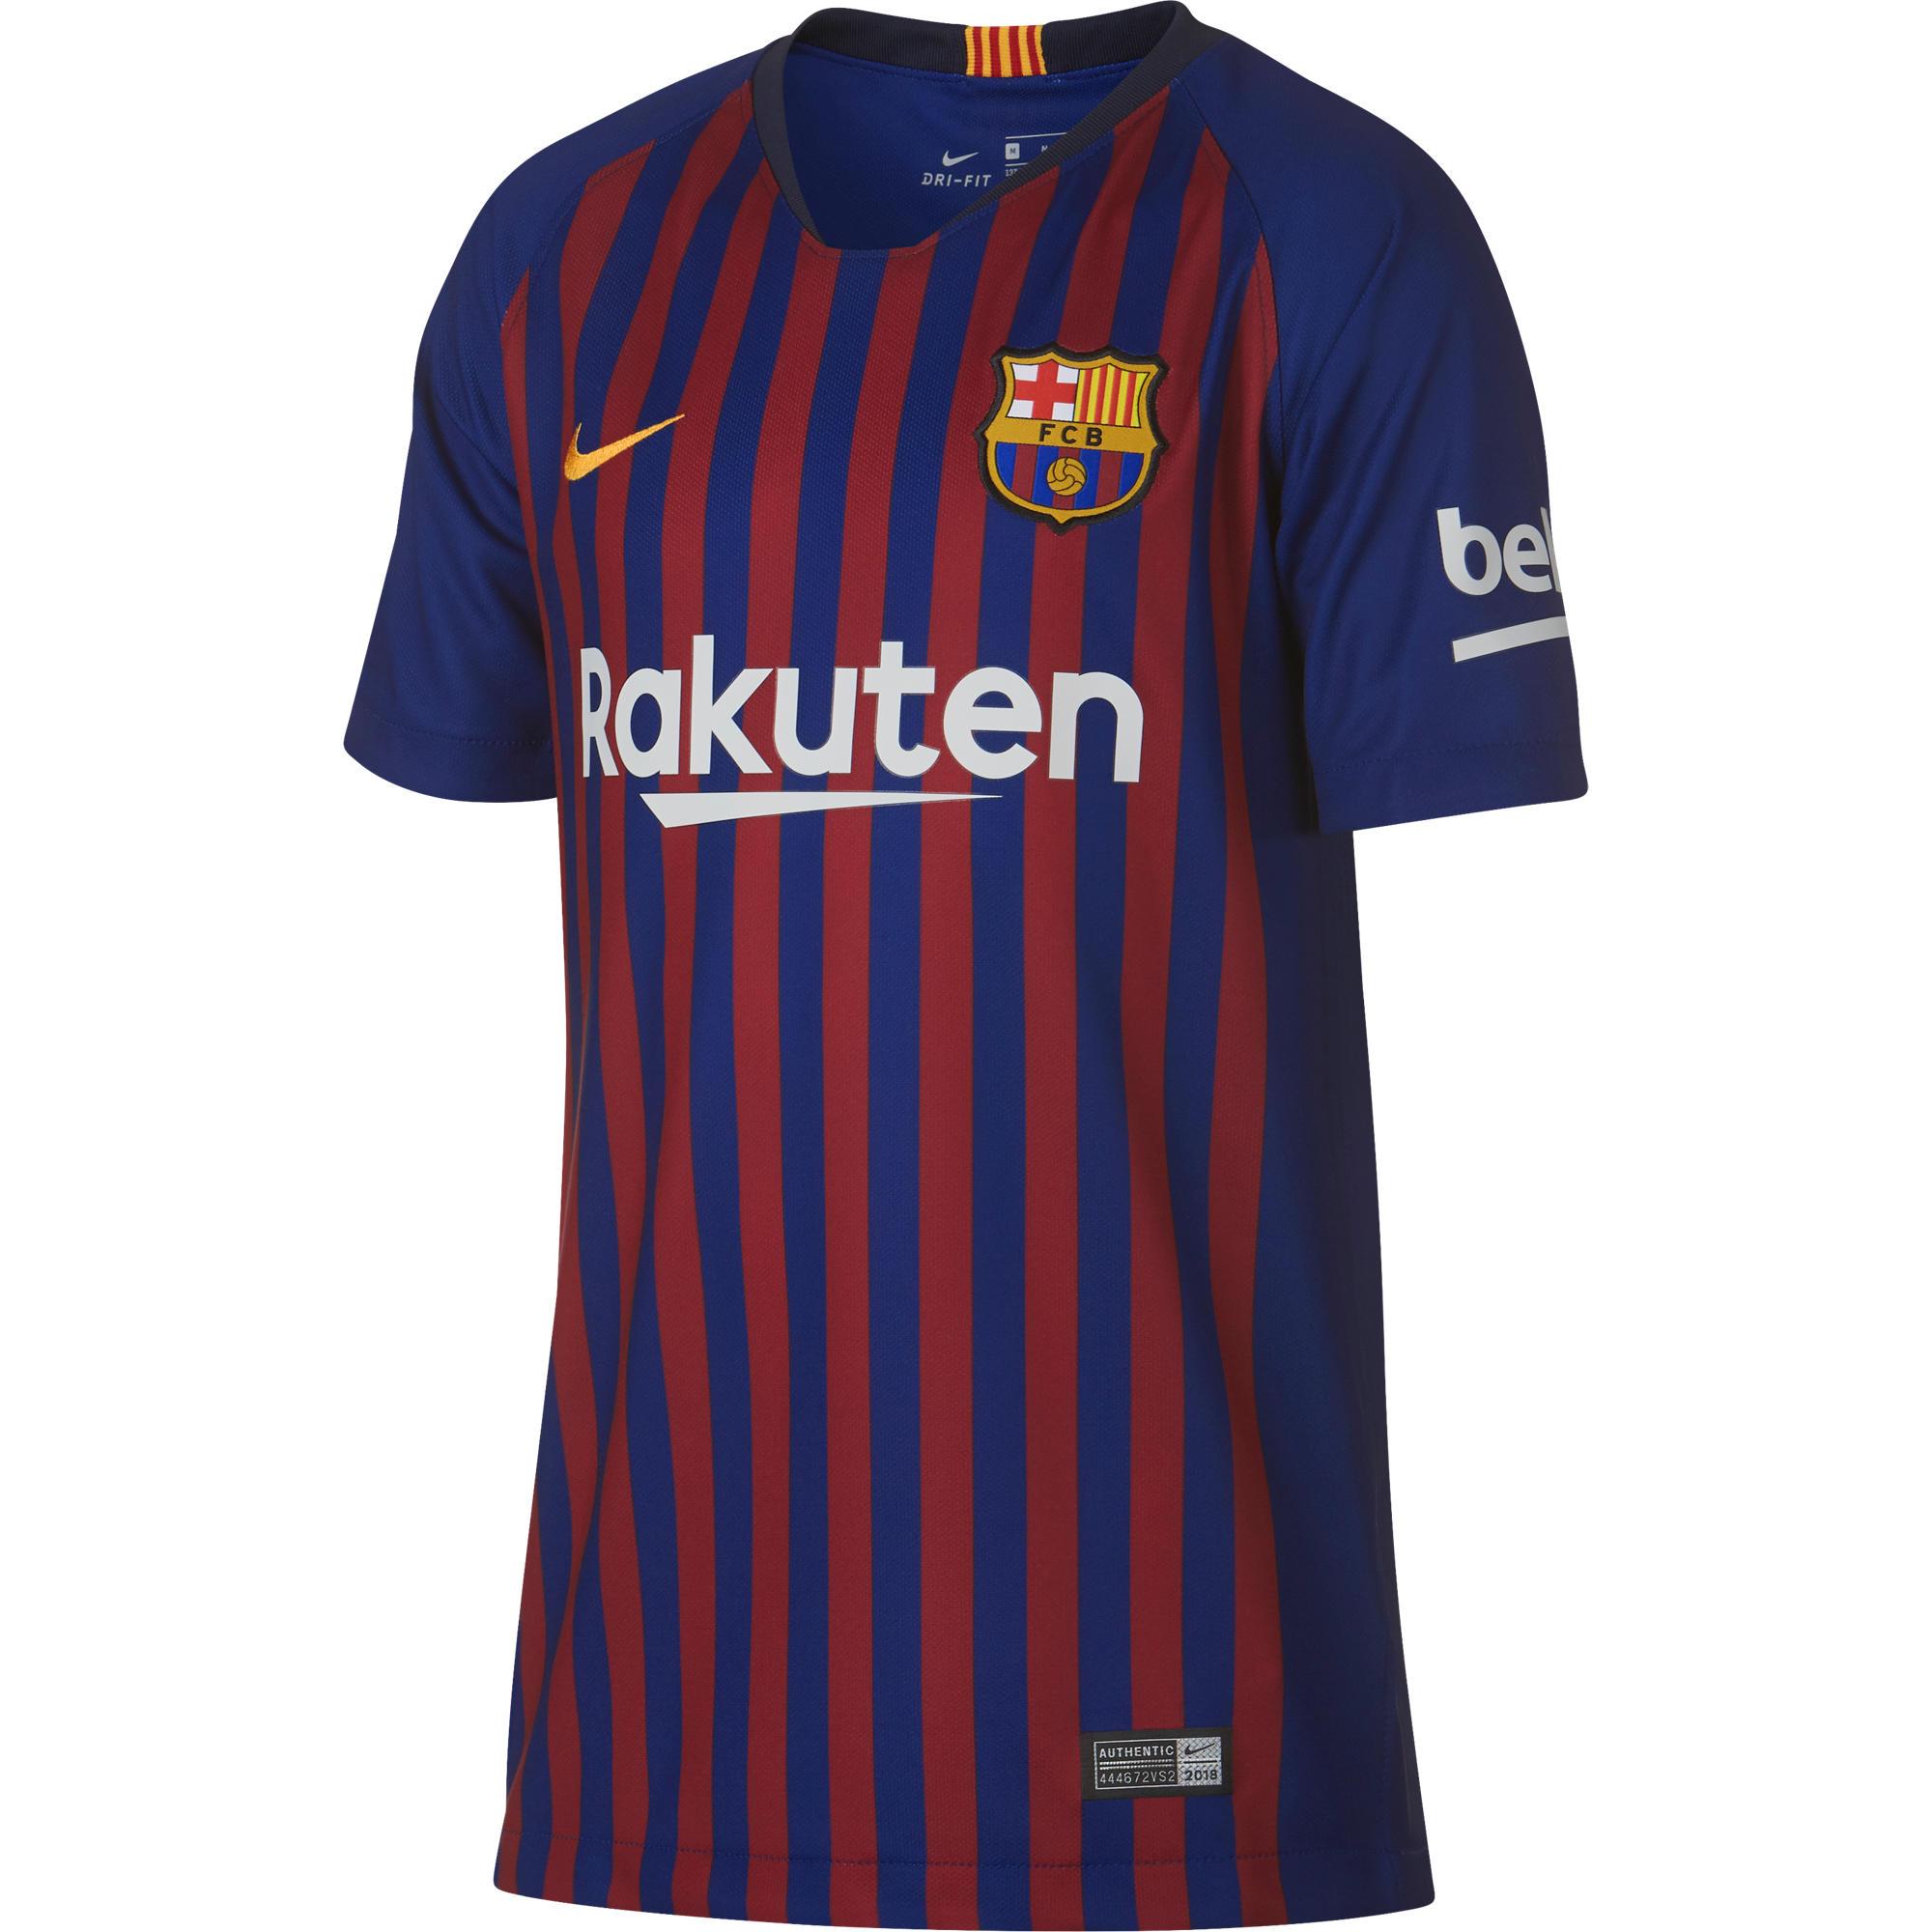 Equipación y Camiseta Oficial F.C. Barcelona 18 19  a1cbf45fe8b5e